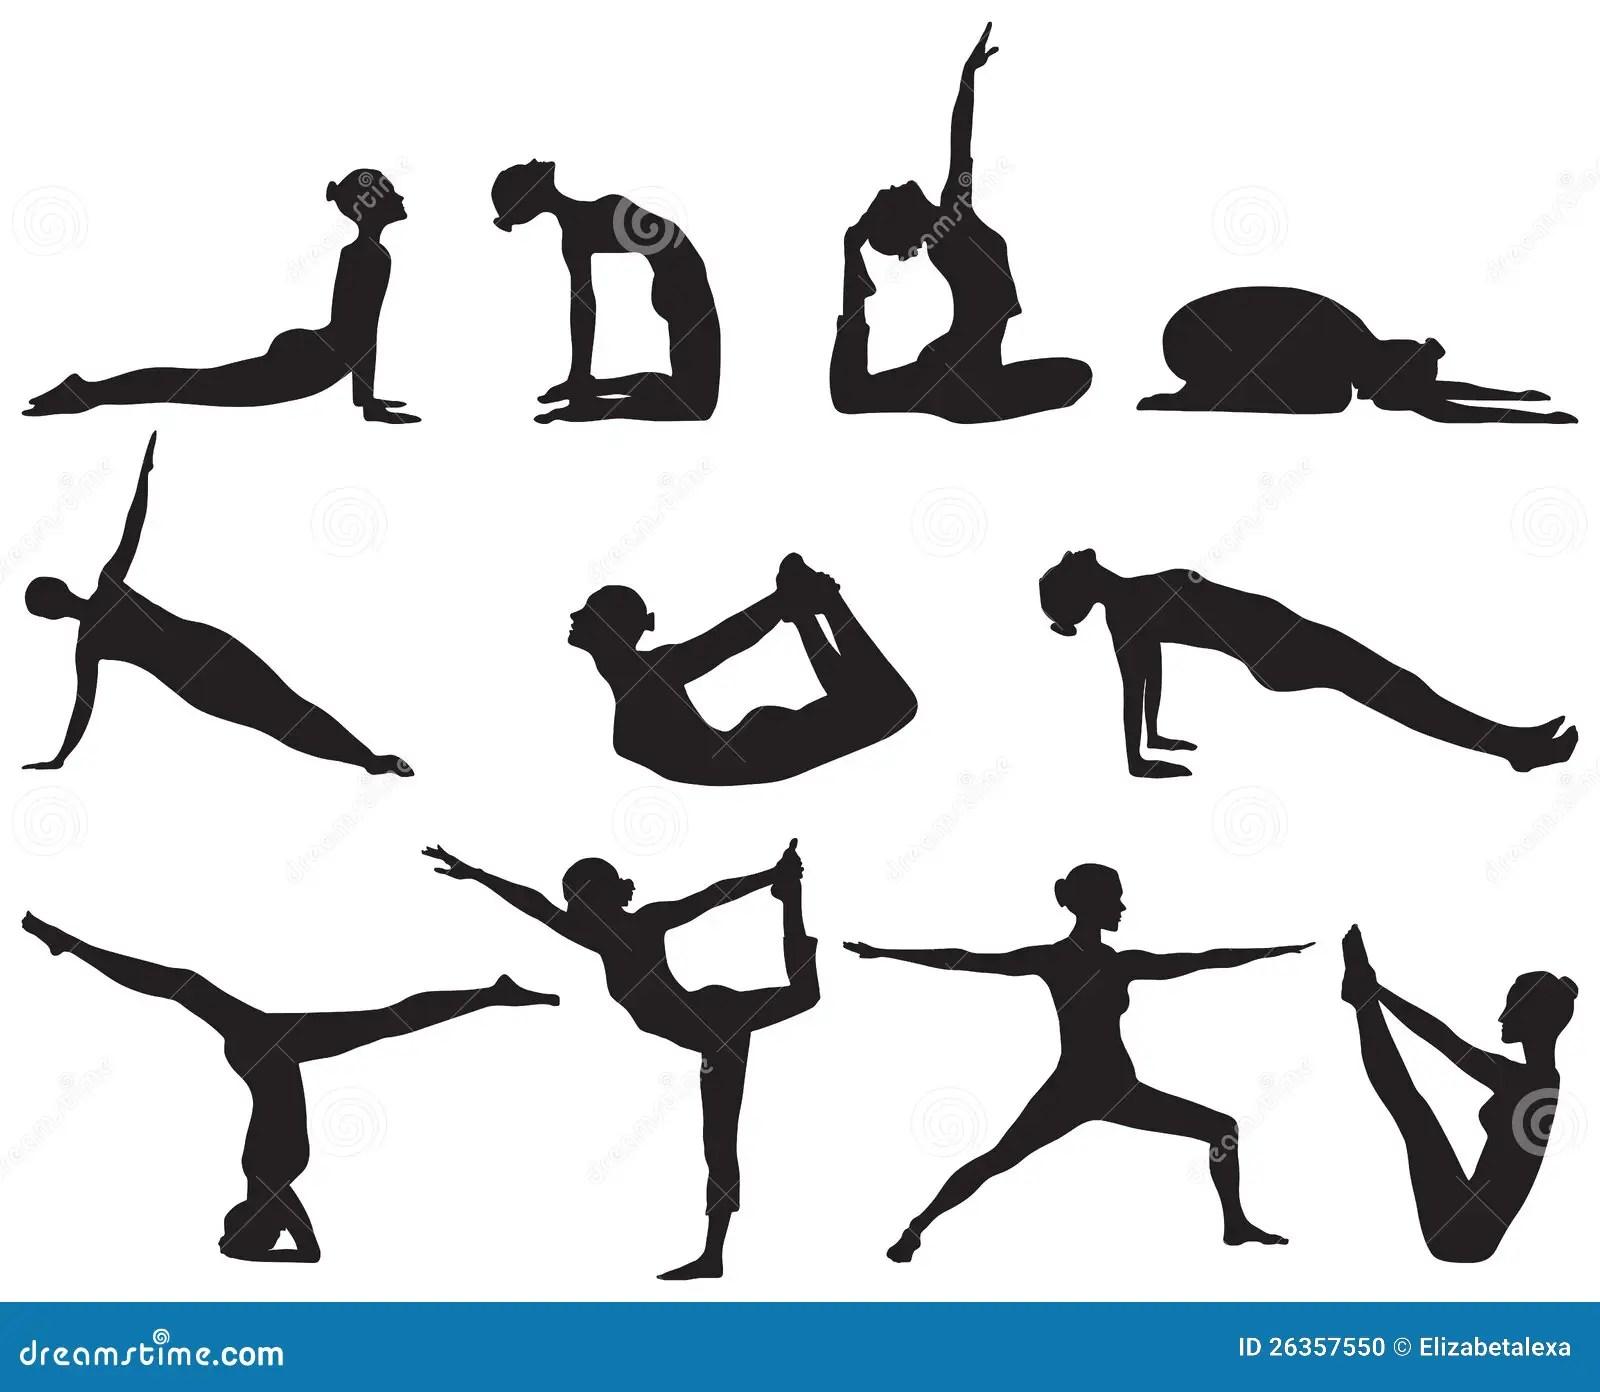 Siluetas De Las Posiciones De La Yoga Respecto Al Fondo